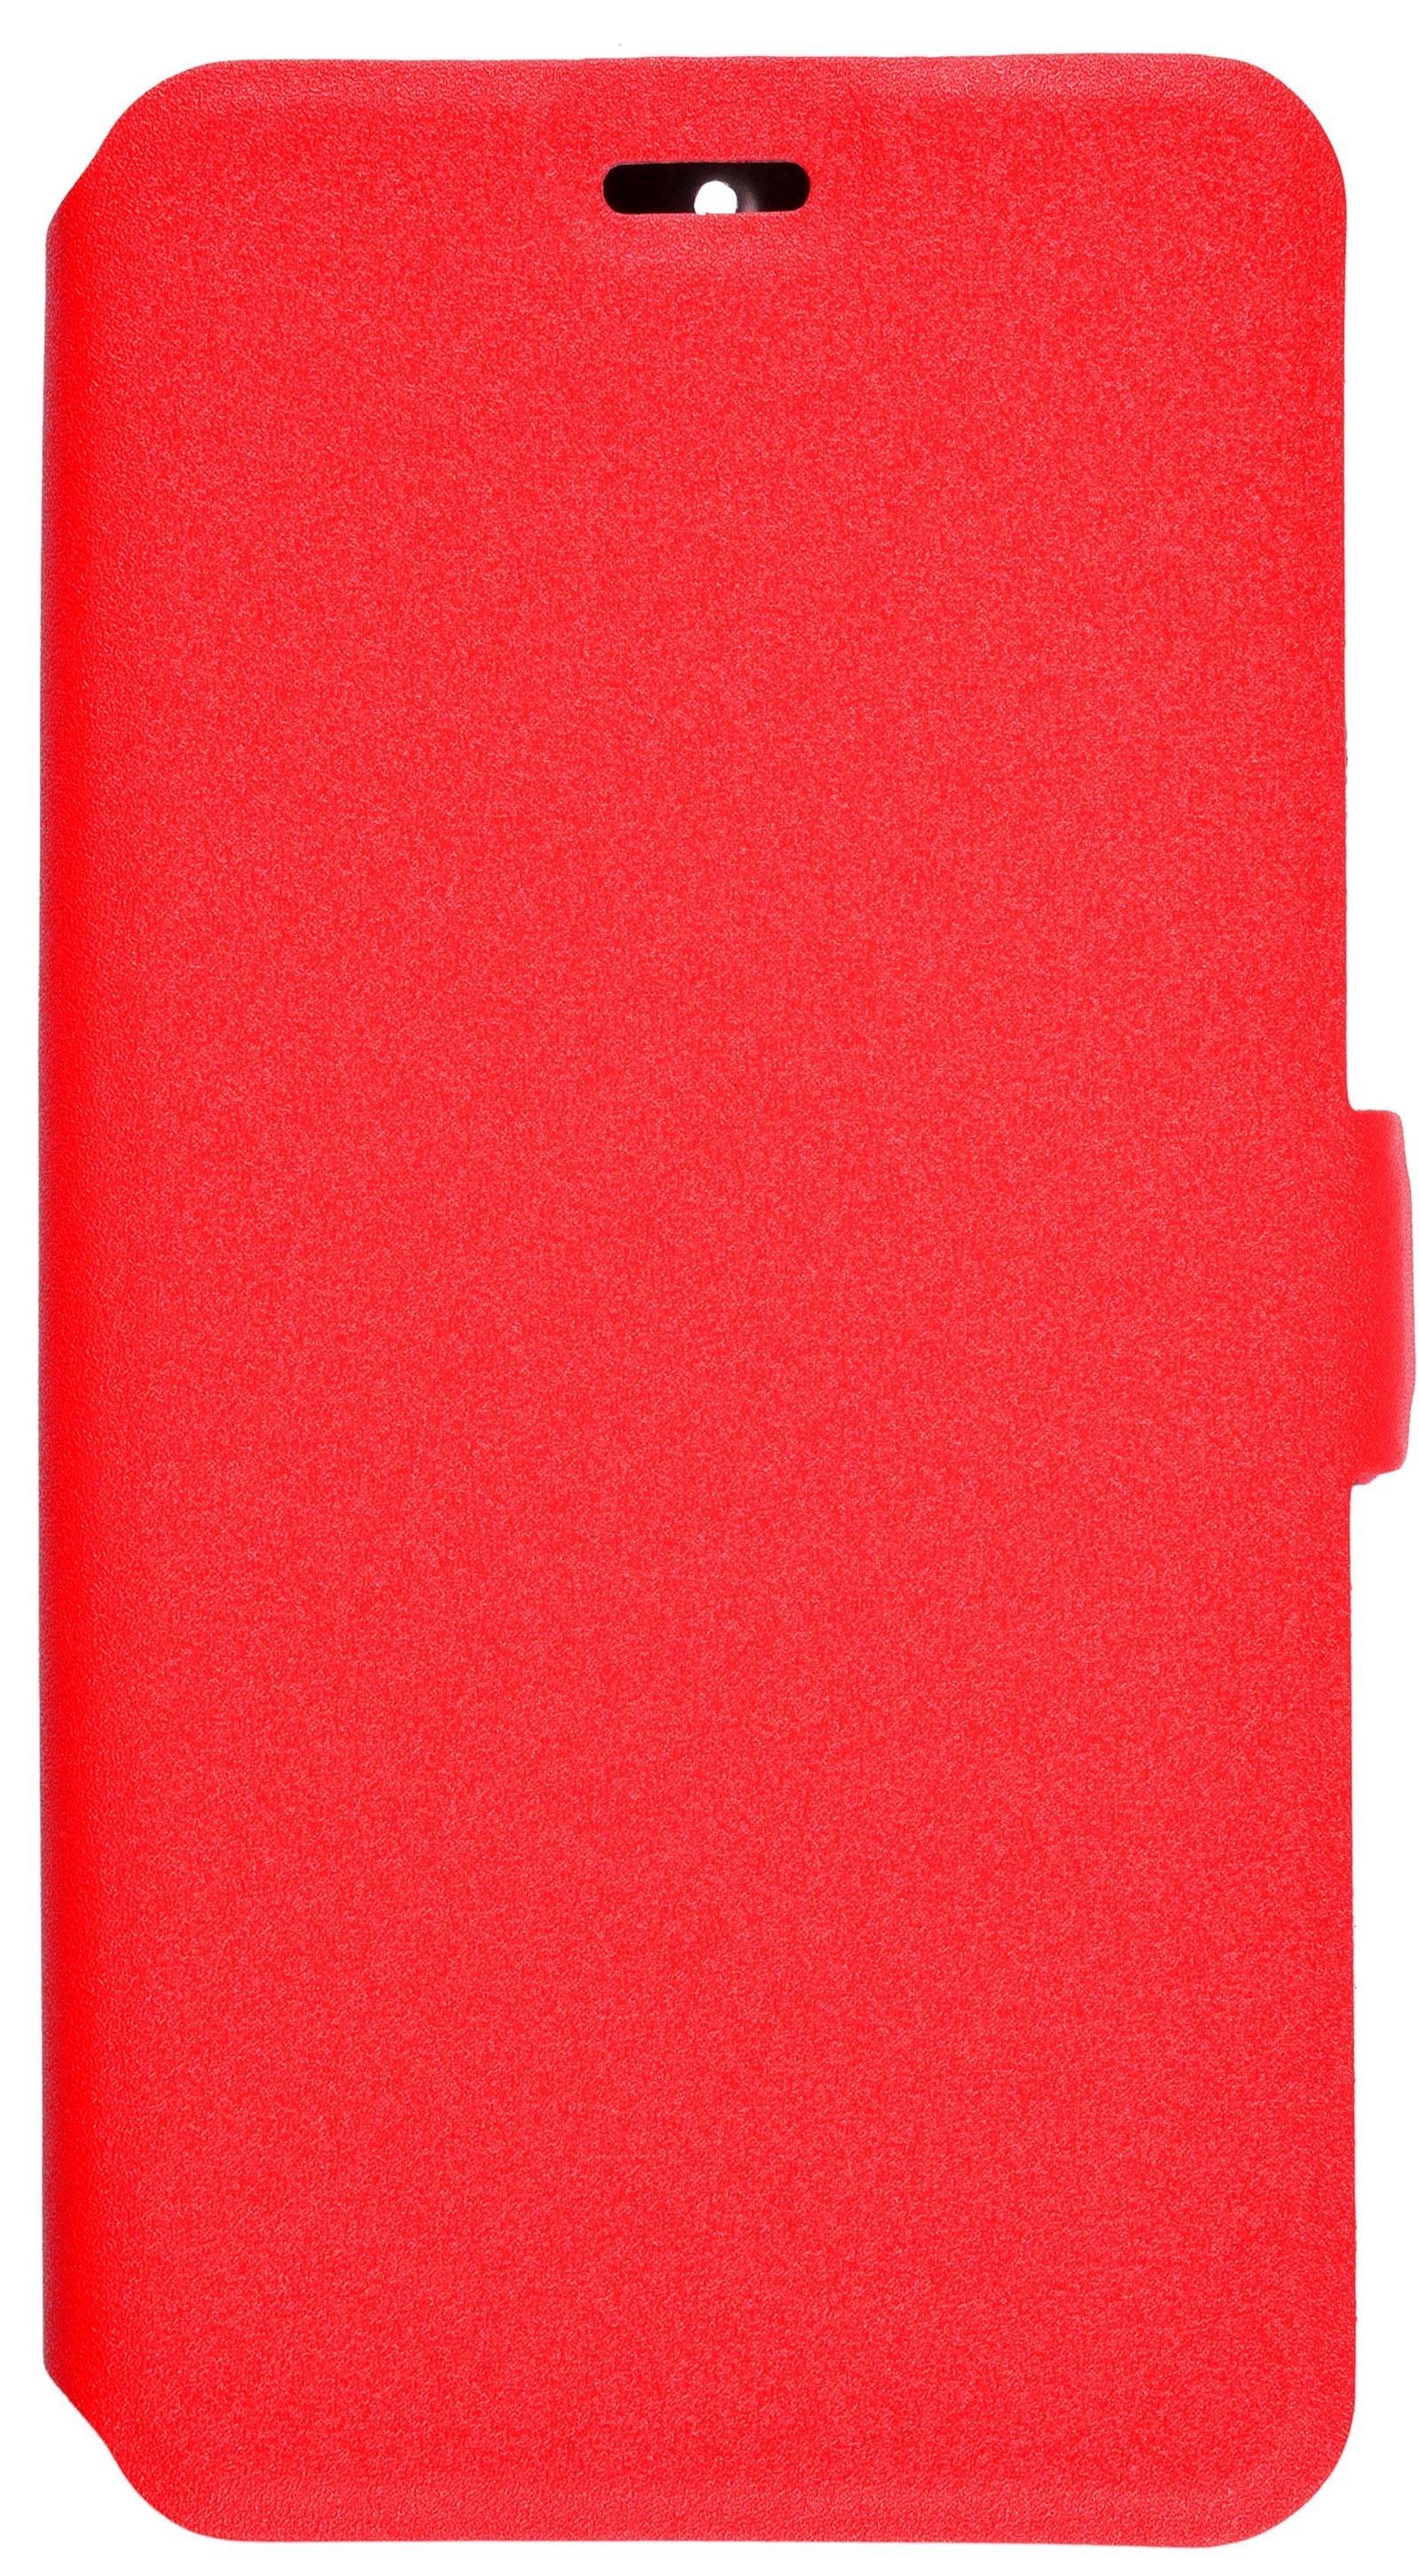 Чехол для сотового телефона PRIME Book, 4630042525368, красный чехол для сотового телефона prime book 4630042523708 красный